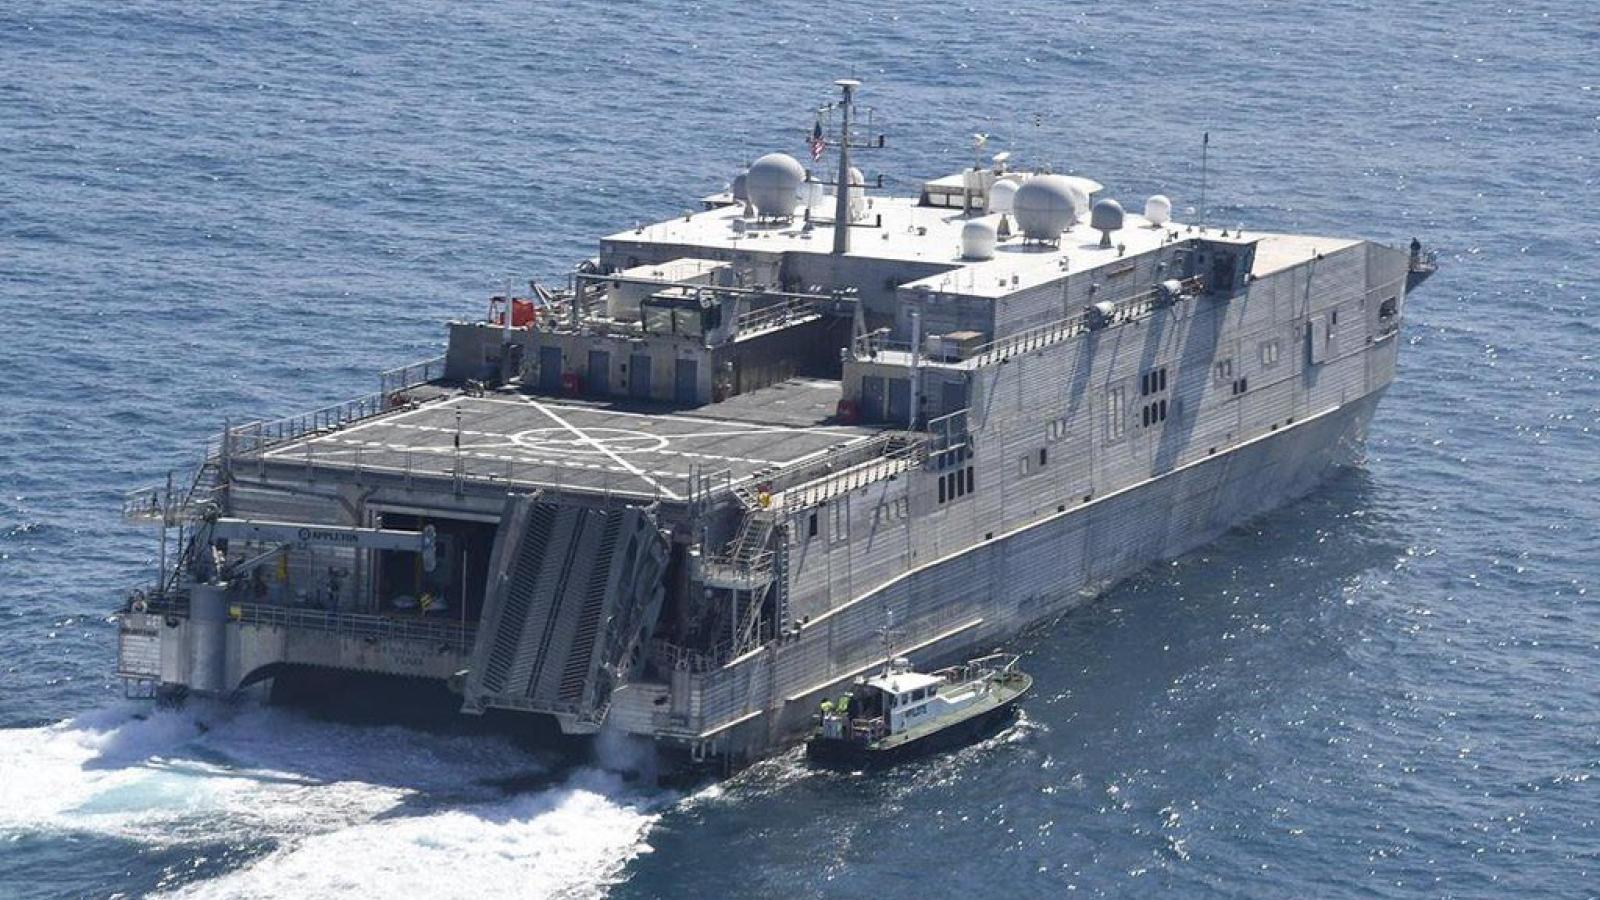 Mỹ điều tàu tấn công đổ bộ giữa lúc Nga cảnh báo căng thẳng nguy hiểm trên Biển Đen